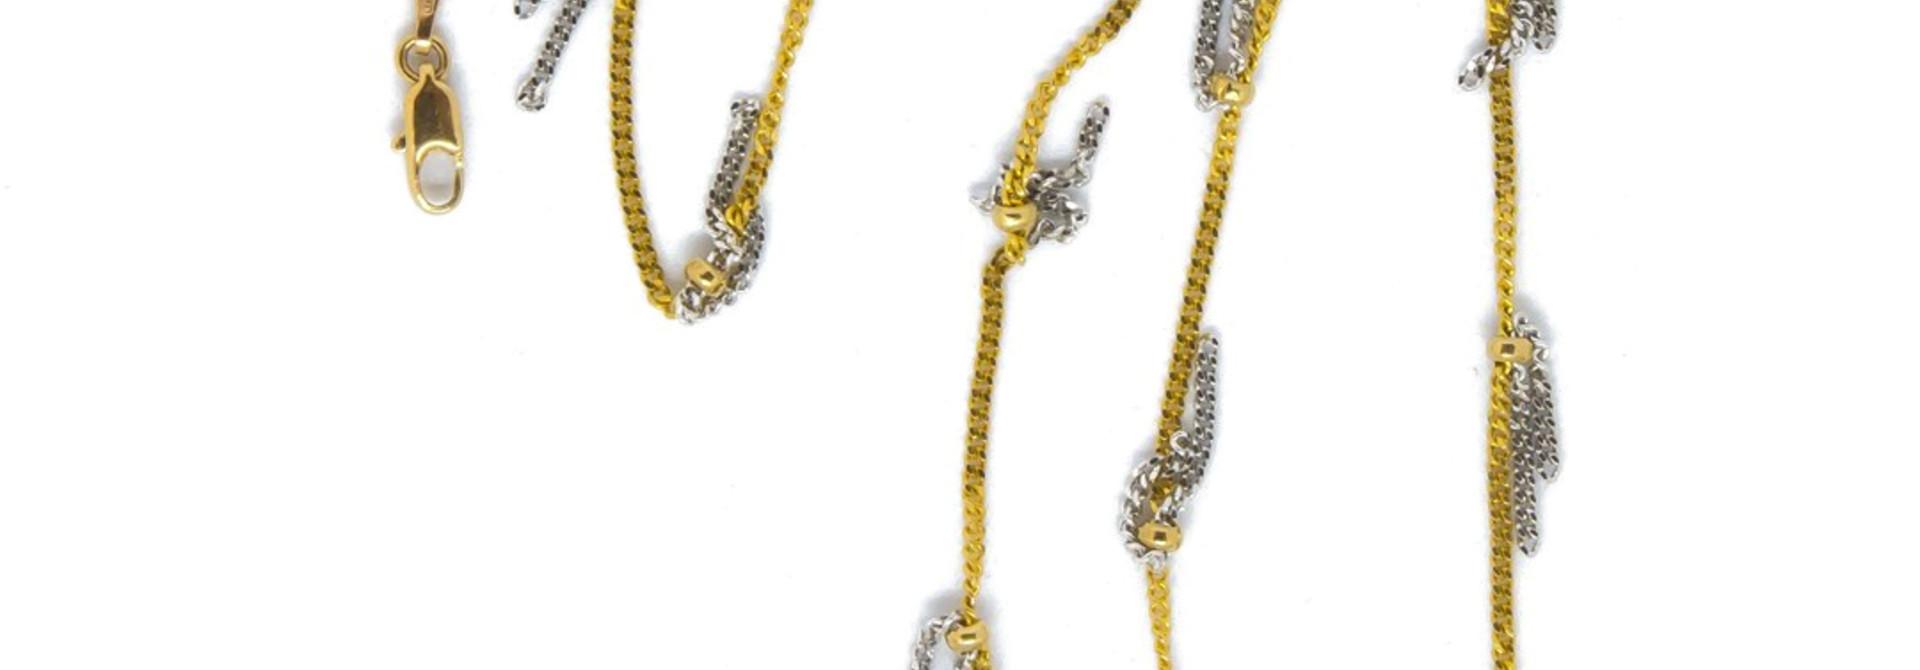 Ketting geelgoud met witgouden sliertjes bicolor